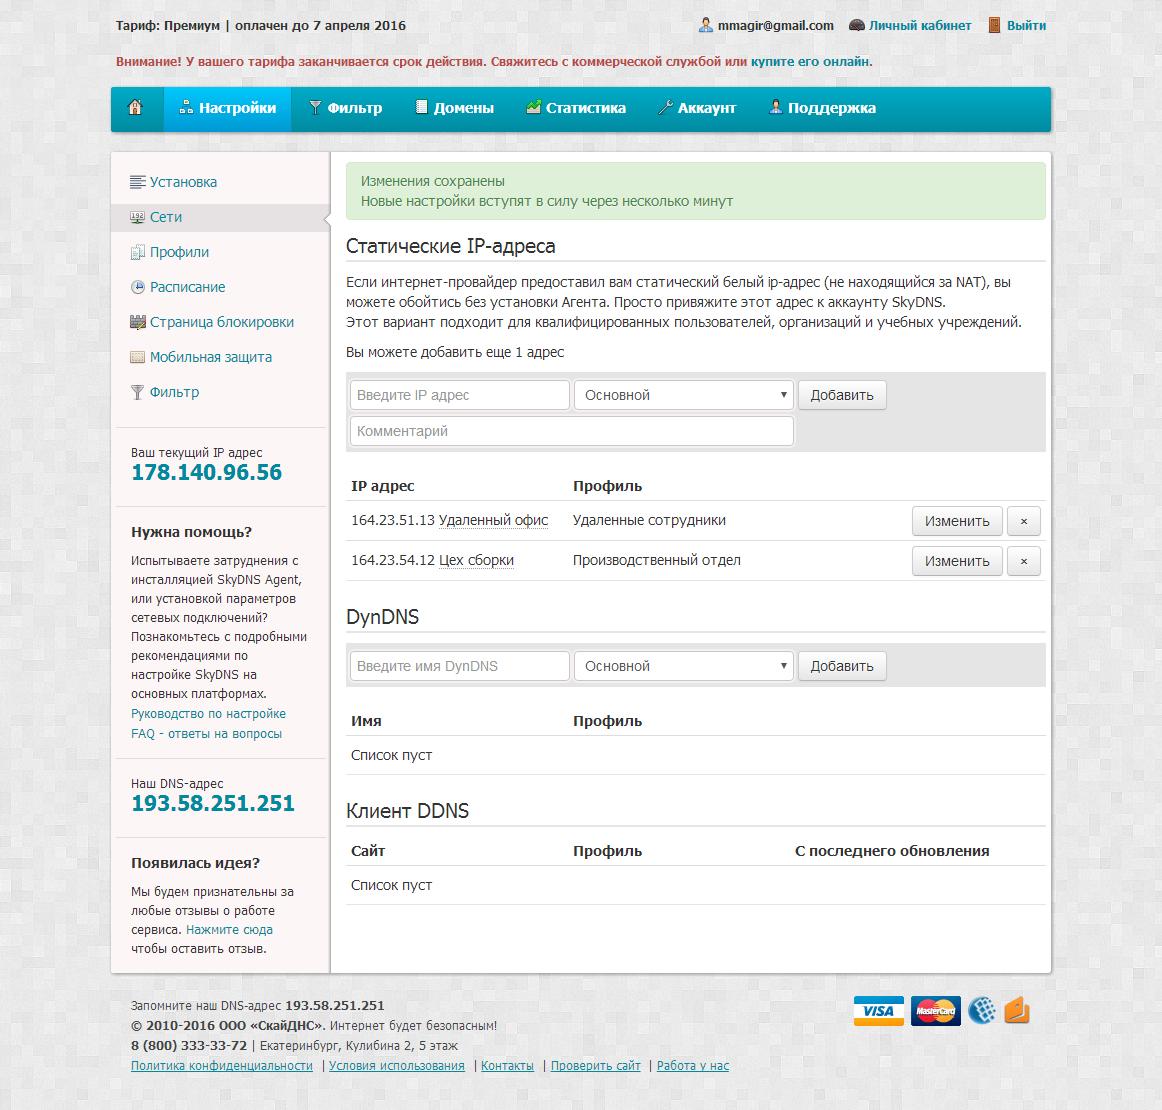 Привязка адресов к профилям в SkyDNS